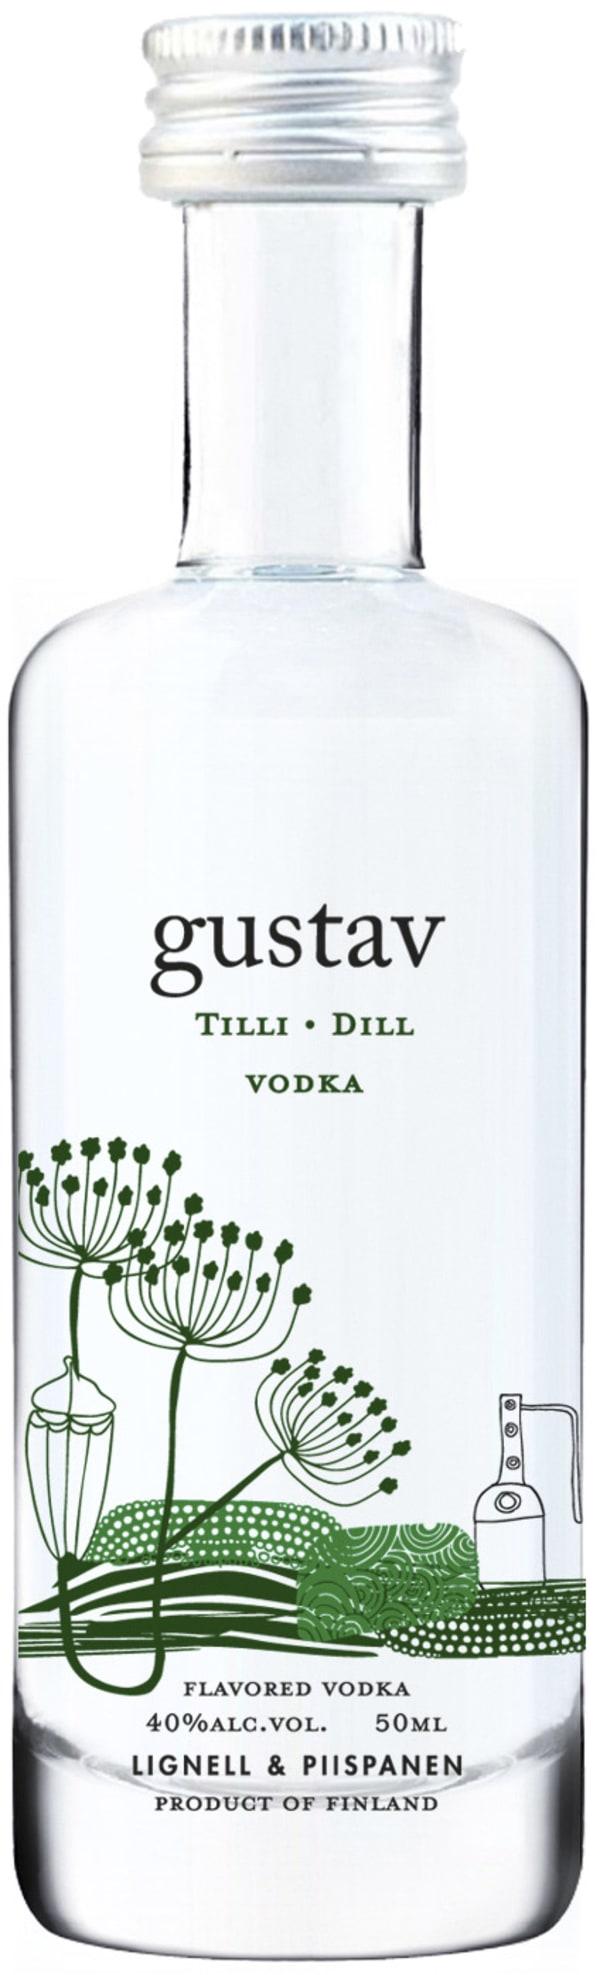 Gustav Tilli Vodka